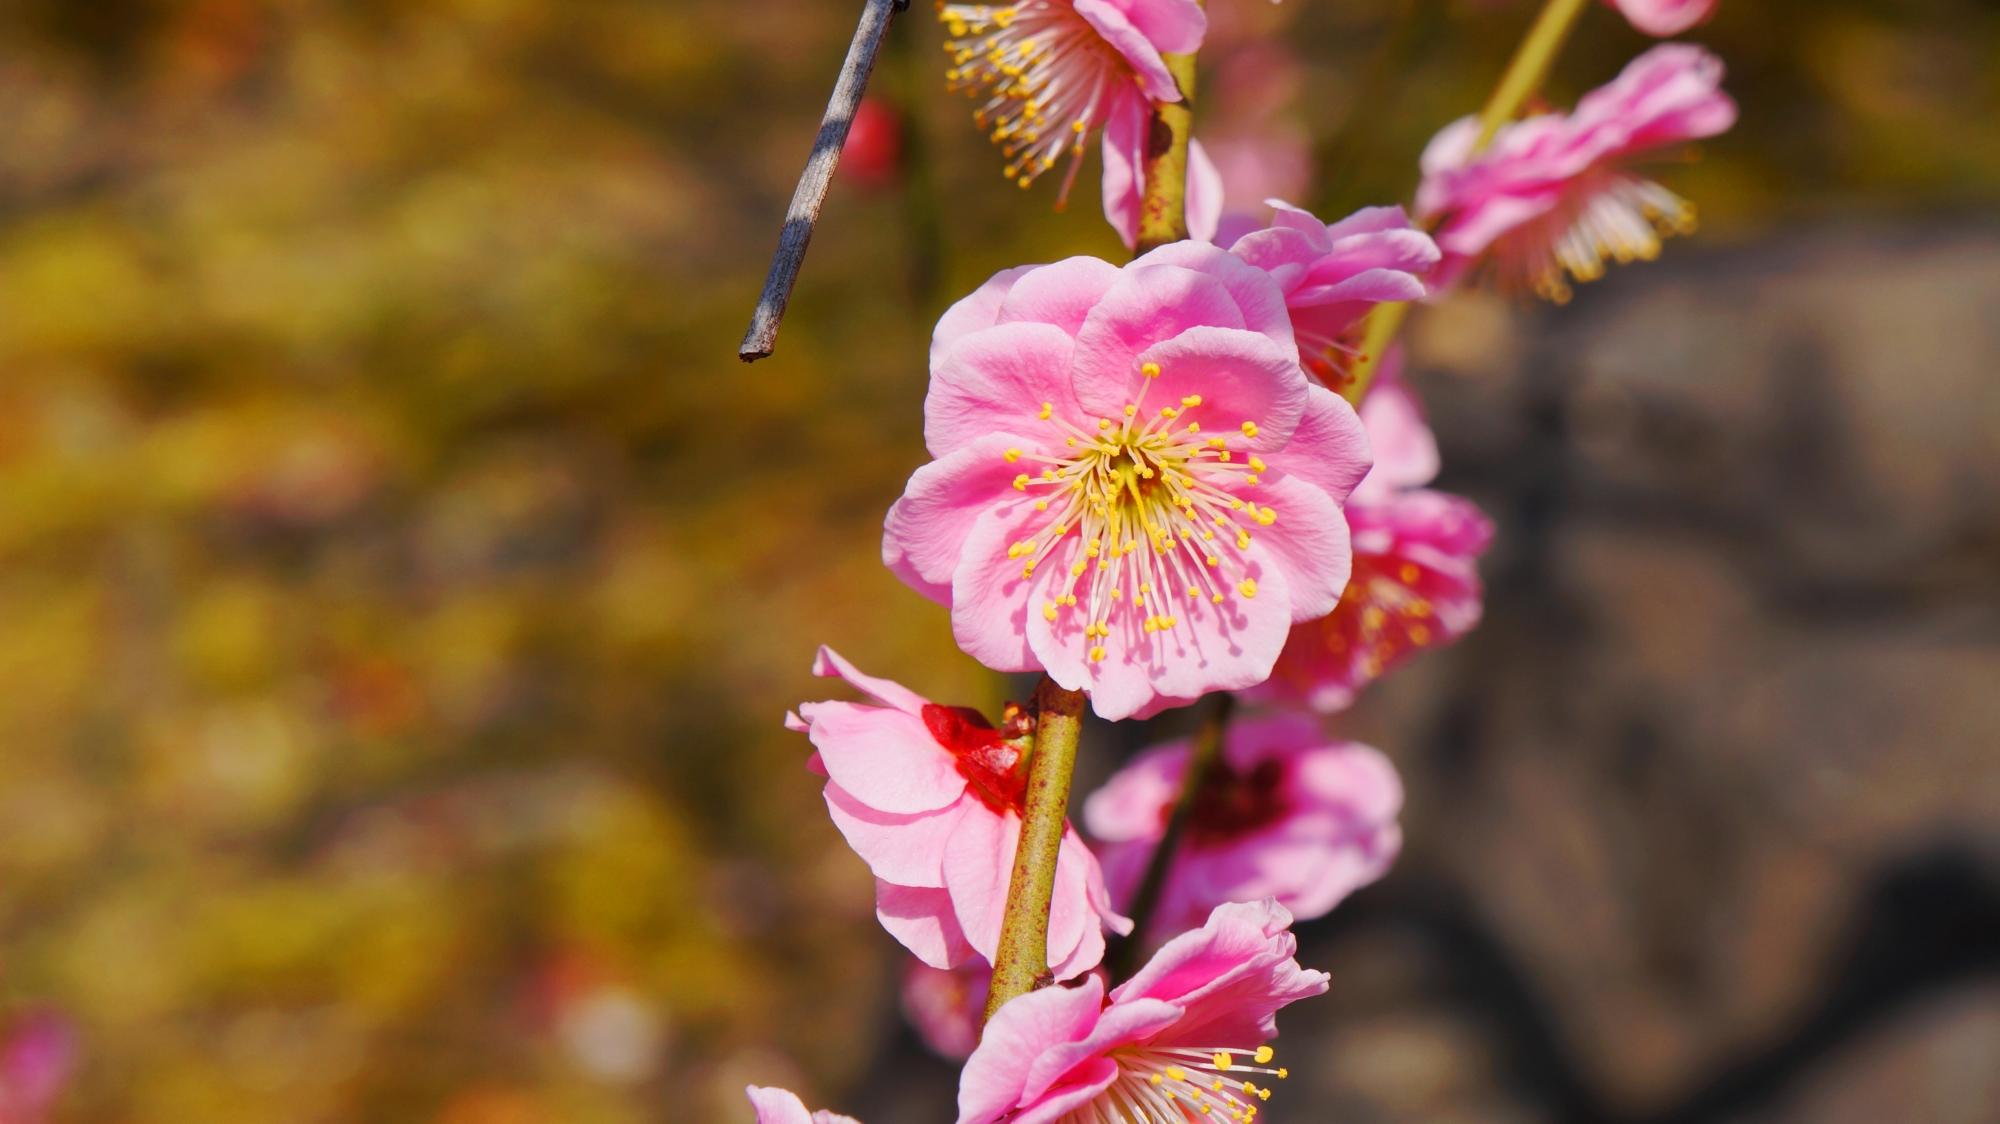 太陽が当たって輝く梅の花